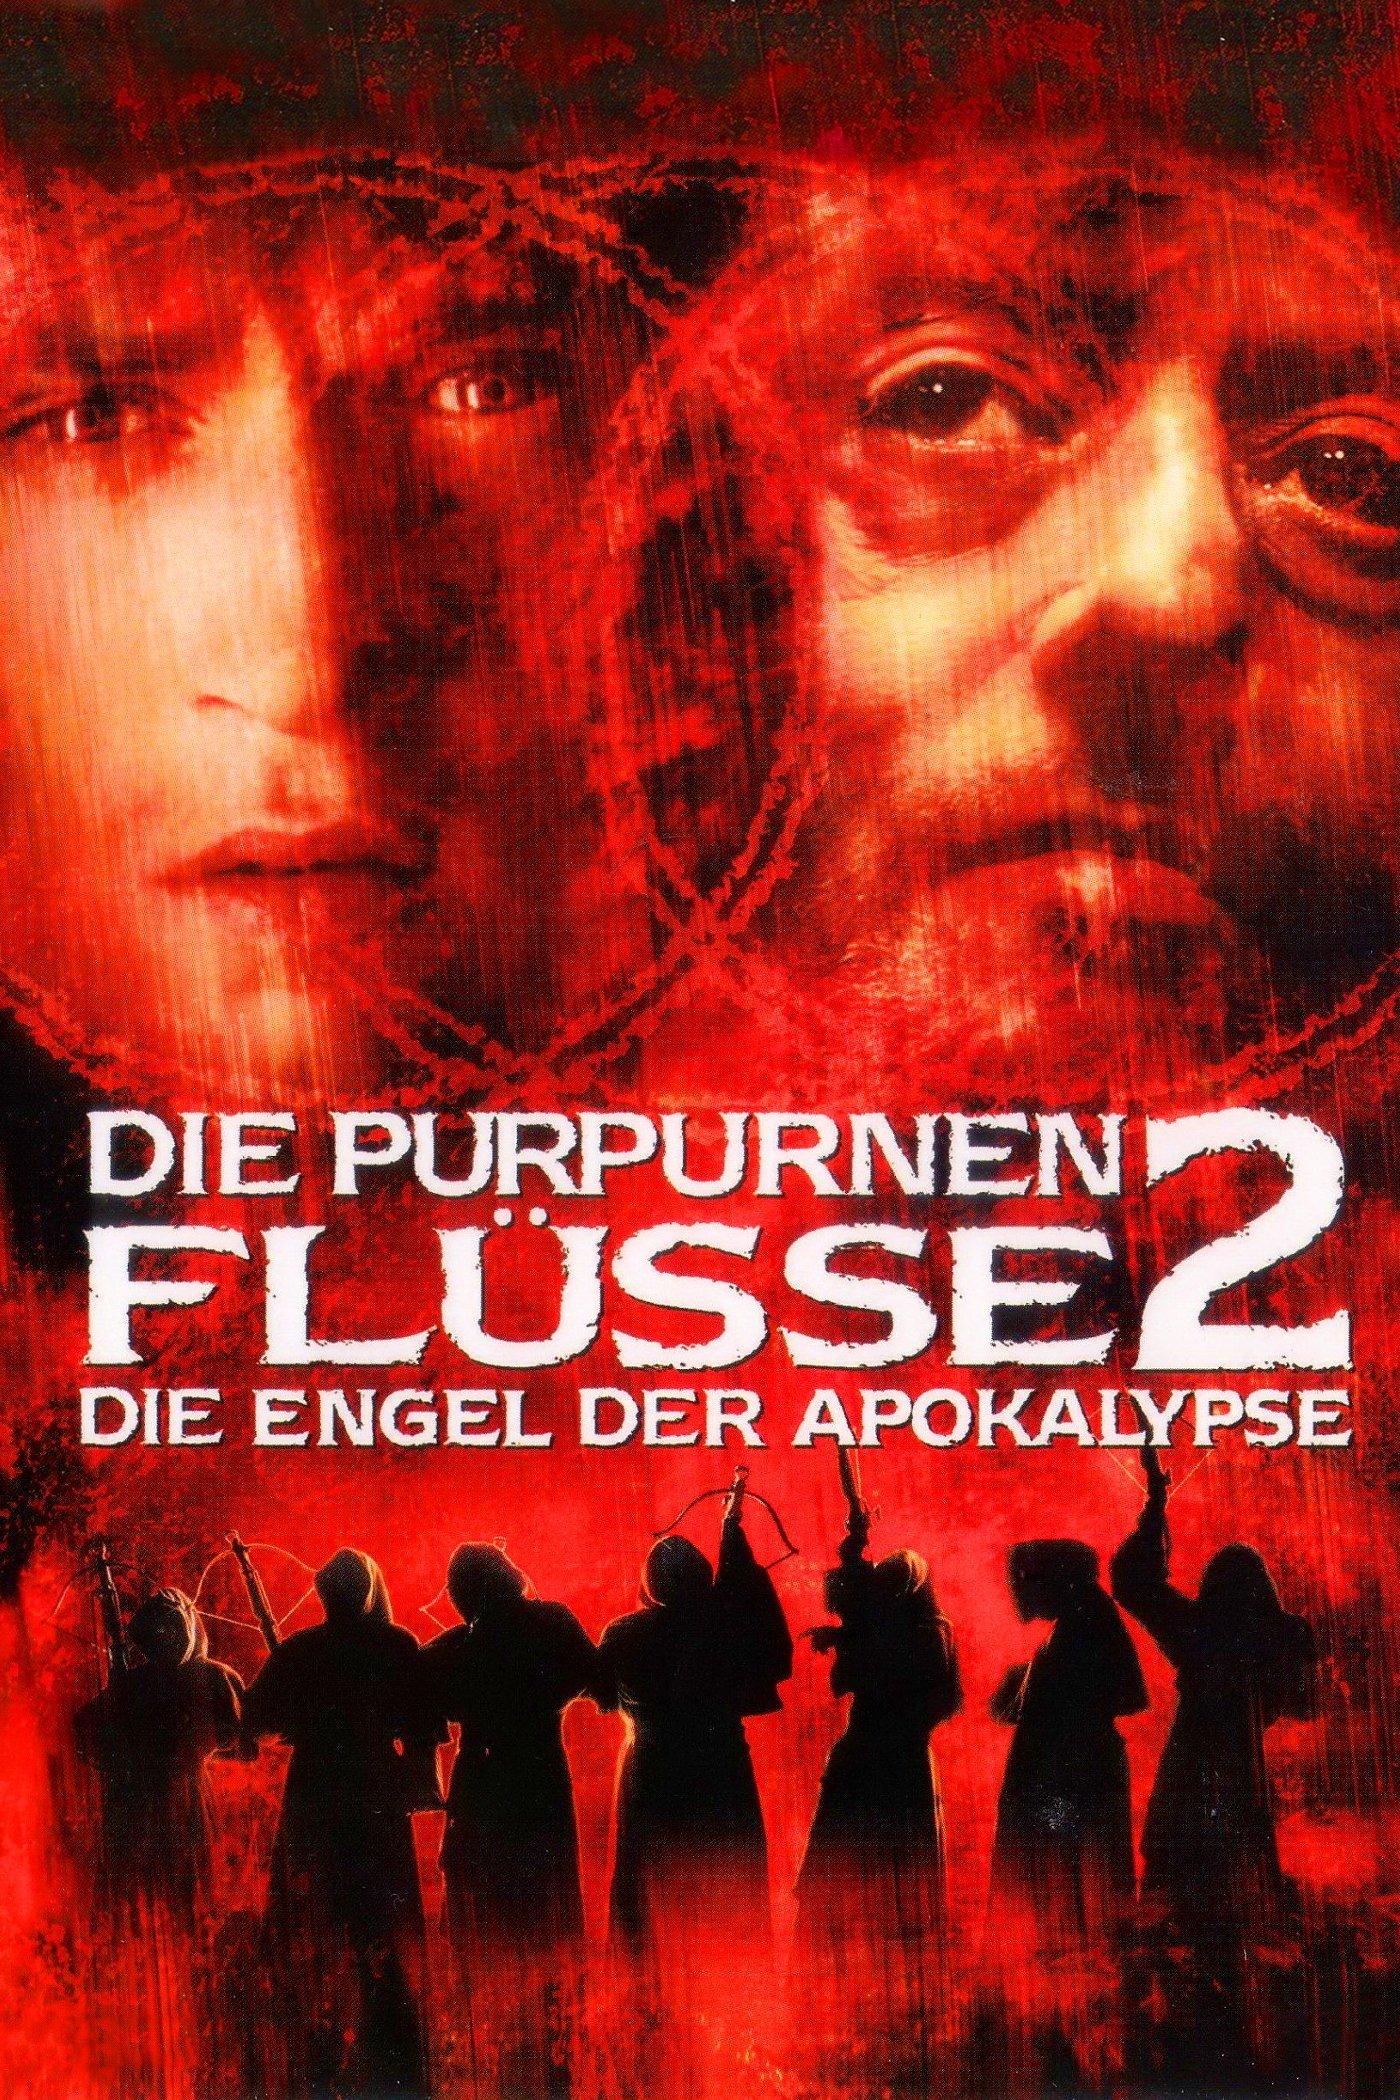 """""""Die purpurnen Flüsse 2 - Die Engel der Apokalypse"""""""